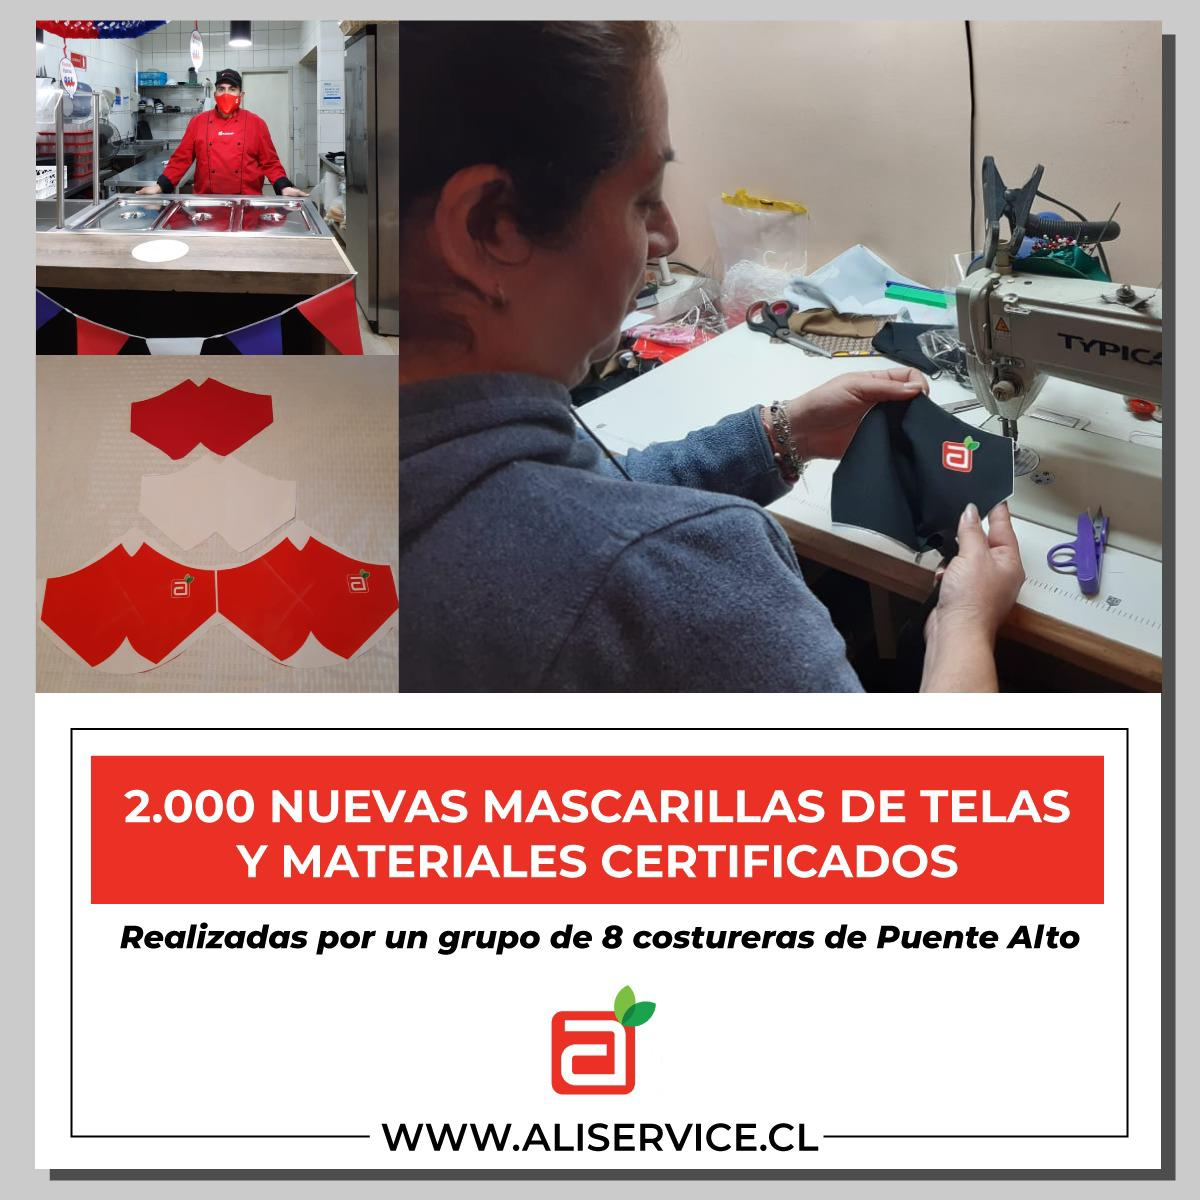 ¡En nuestra empresa tenemos nuevas mascarillas de material certificado y confeccionadas por 8 costureras de la comuna de Puente Alto!